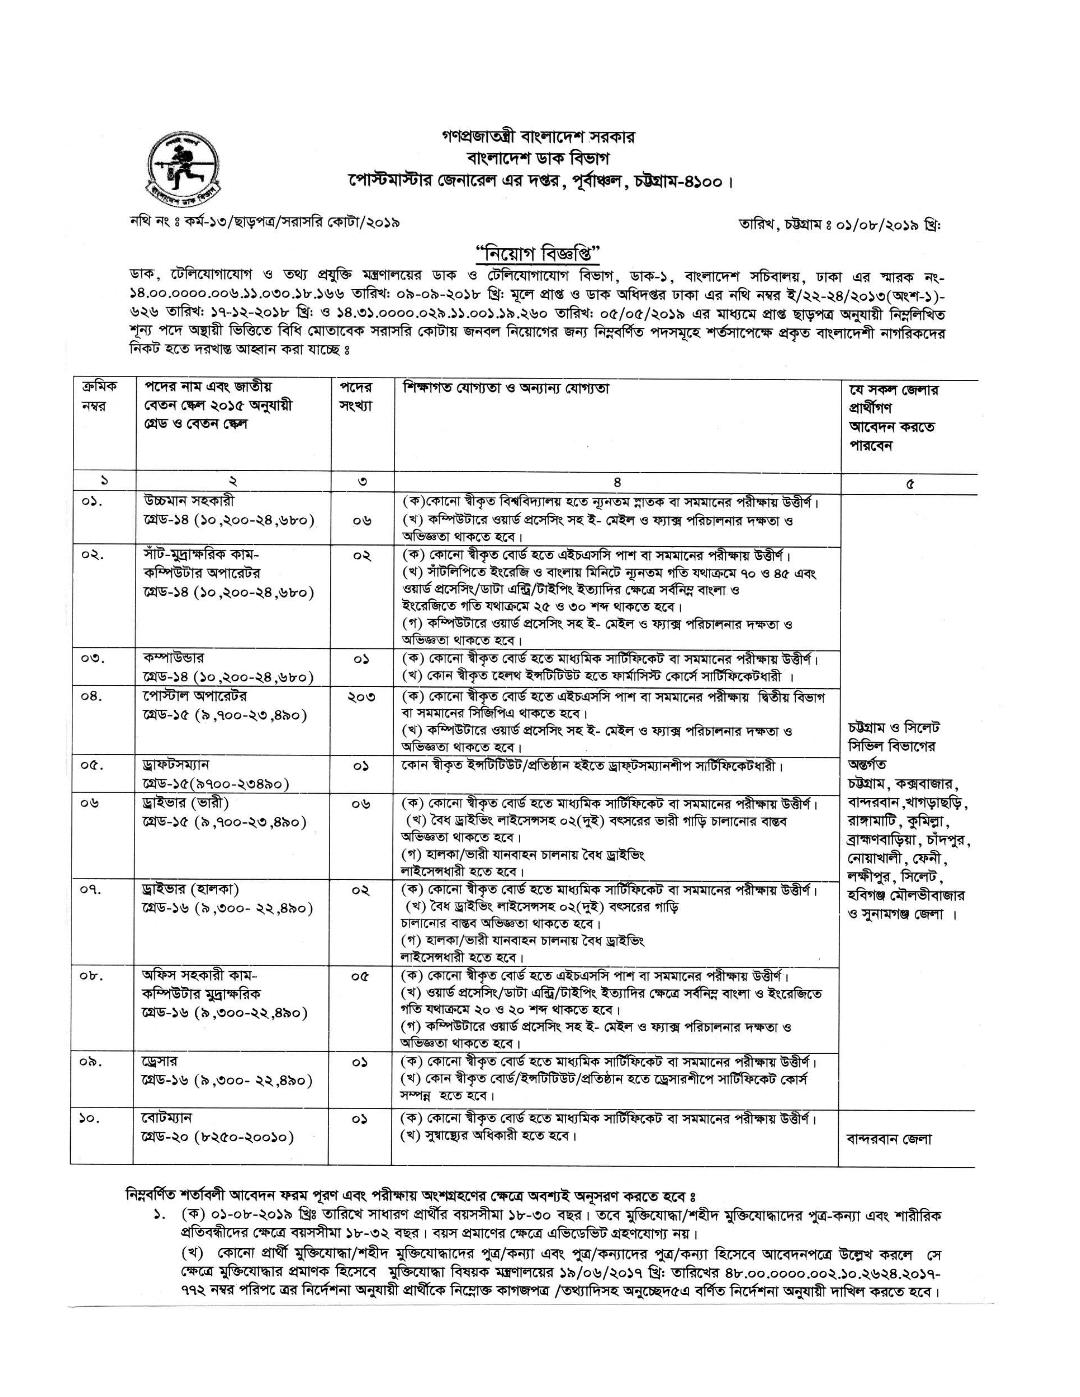 বাংলাদেশ ডাক বিভাগ নিয়োগ 2019